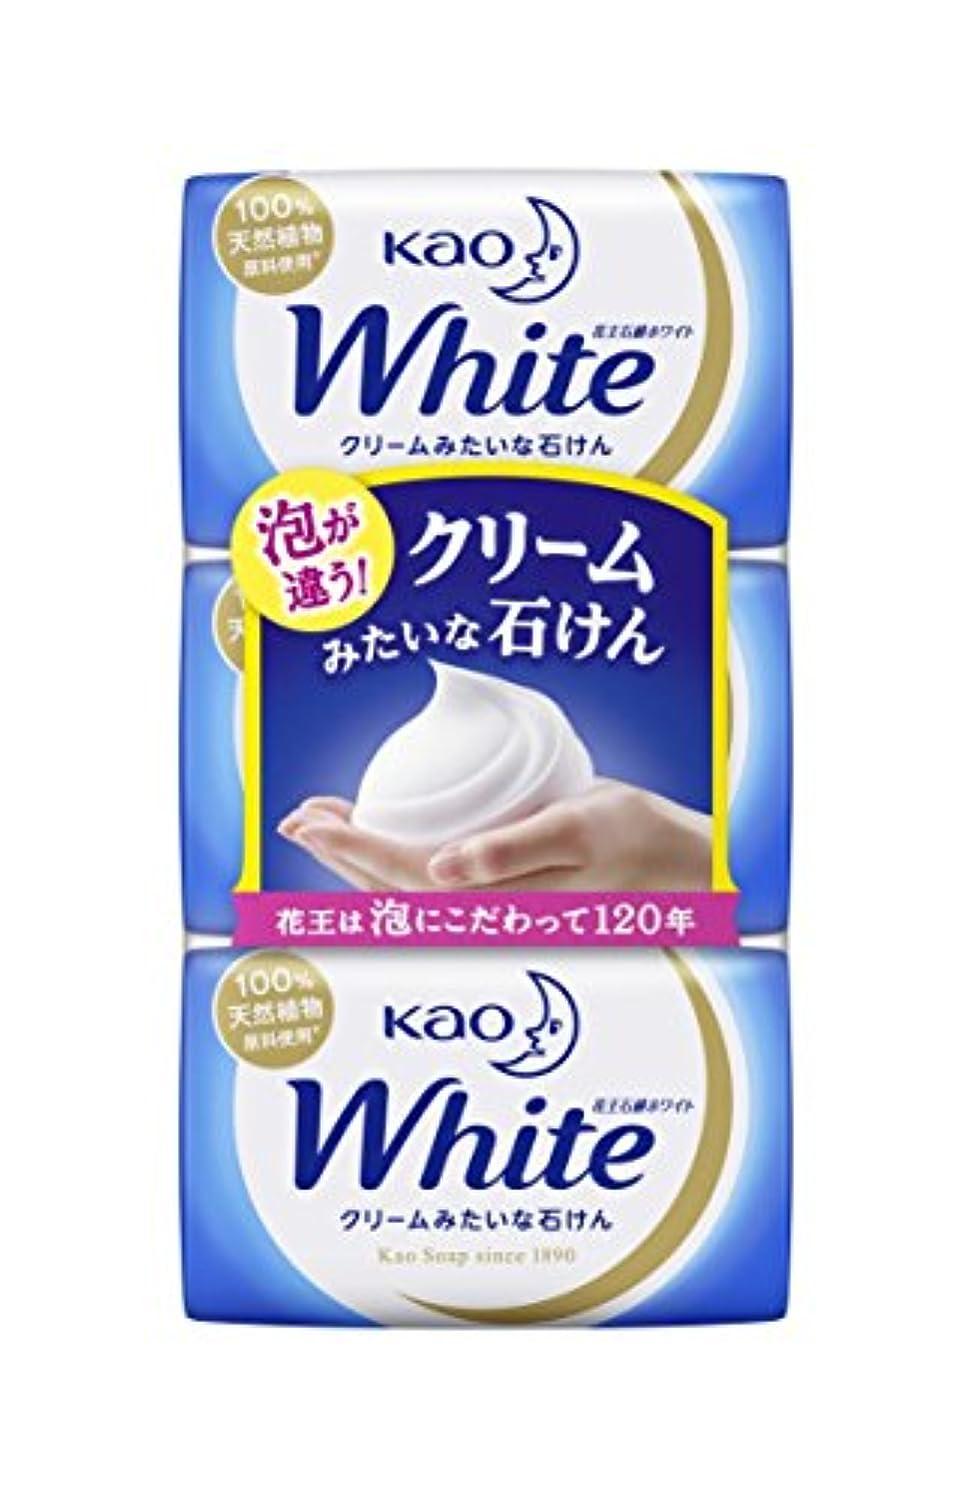 陽気な迷彩サスティーン花王ホワイト 普通サイズ 3コパック